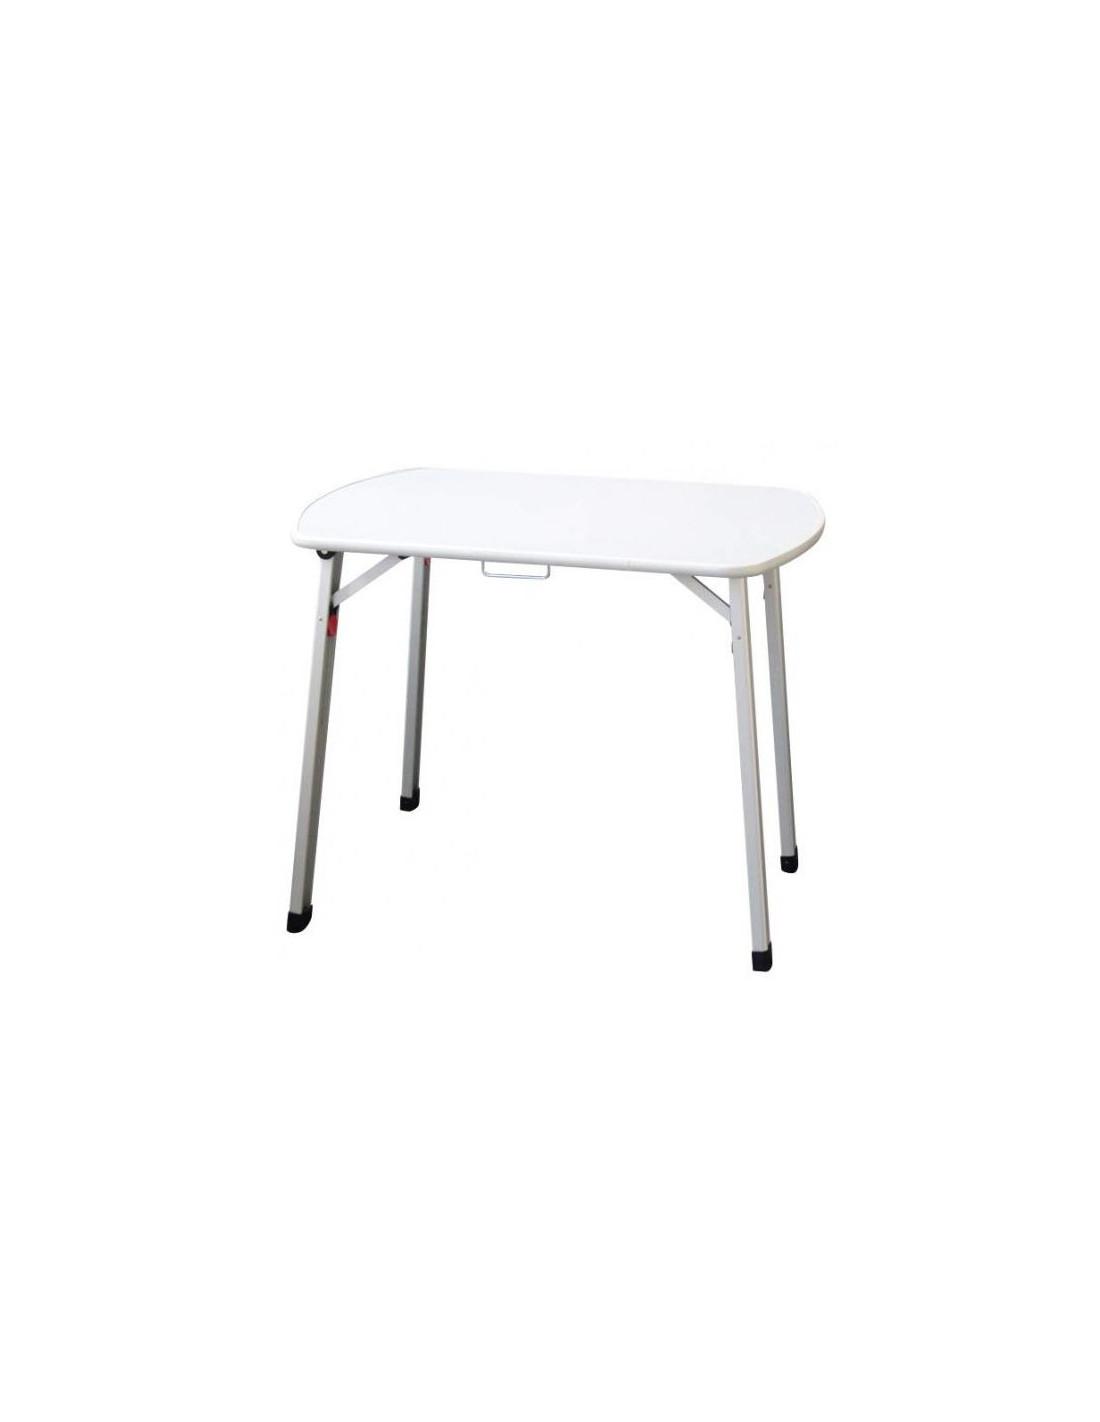 Mesa plegable en aluminio 90 cm tienda de camping online for Mesa plegable camping